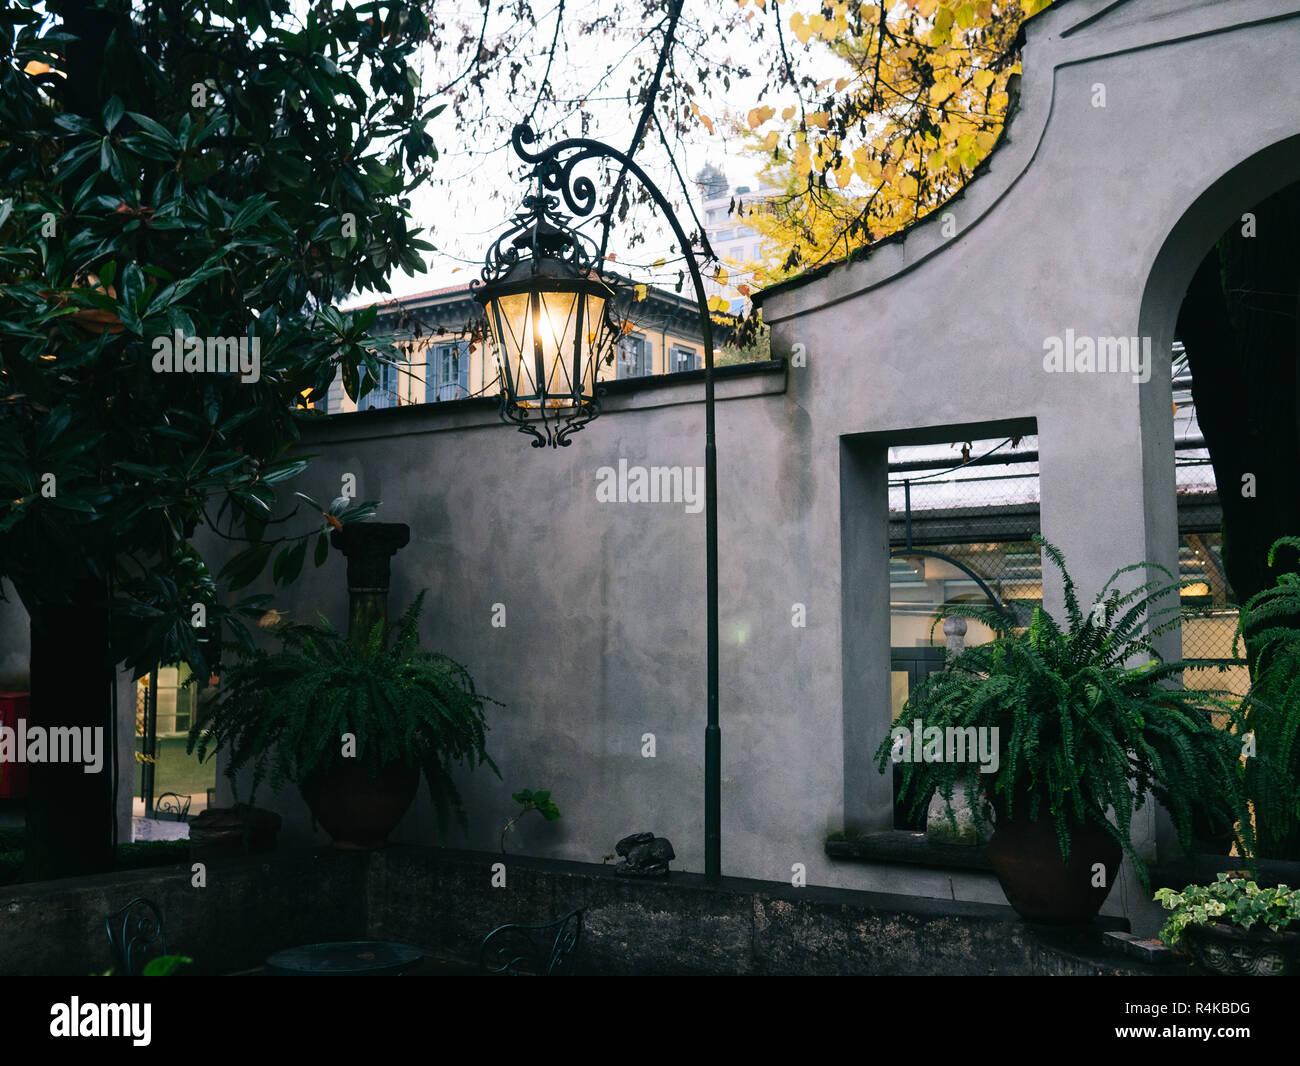 Villa Necchi Campiglio in Milan, lamp outside in the garden - Stock Image